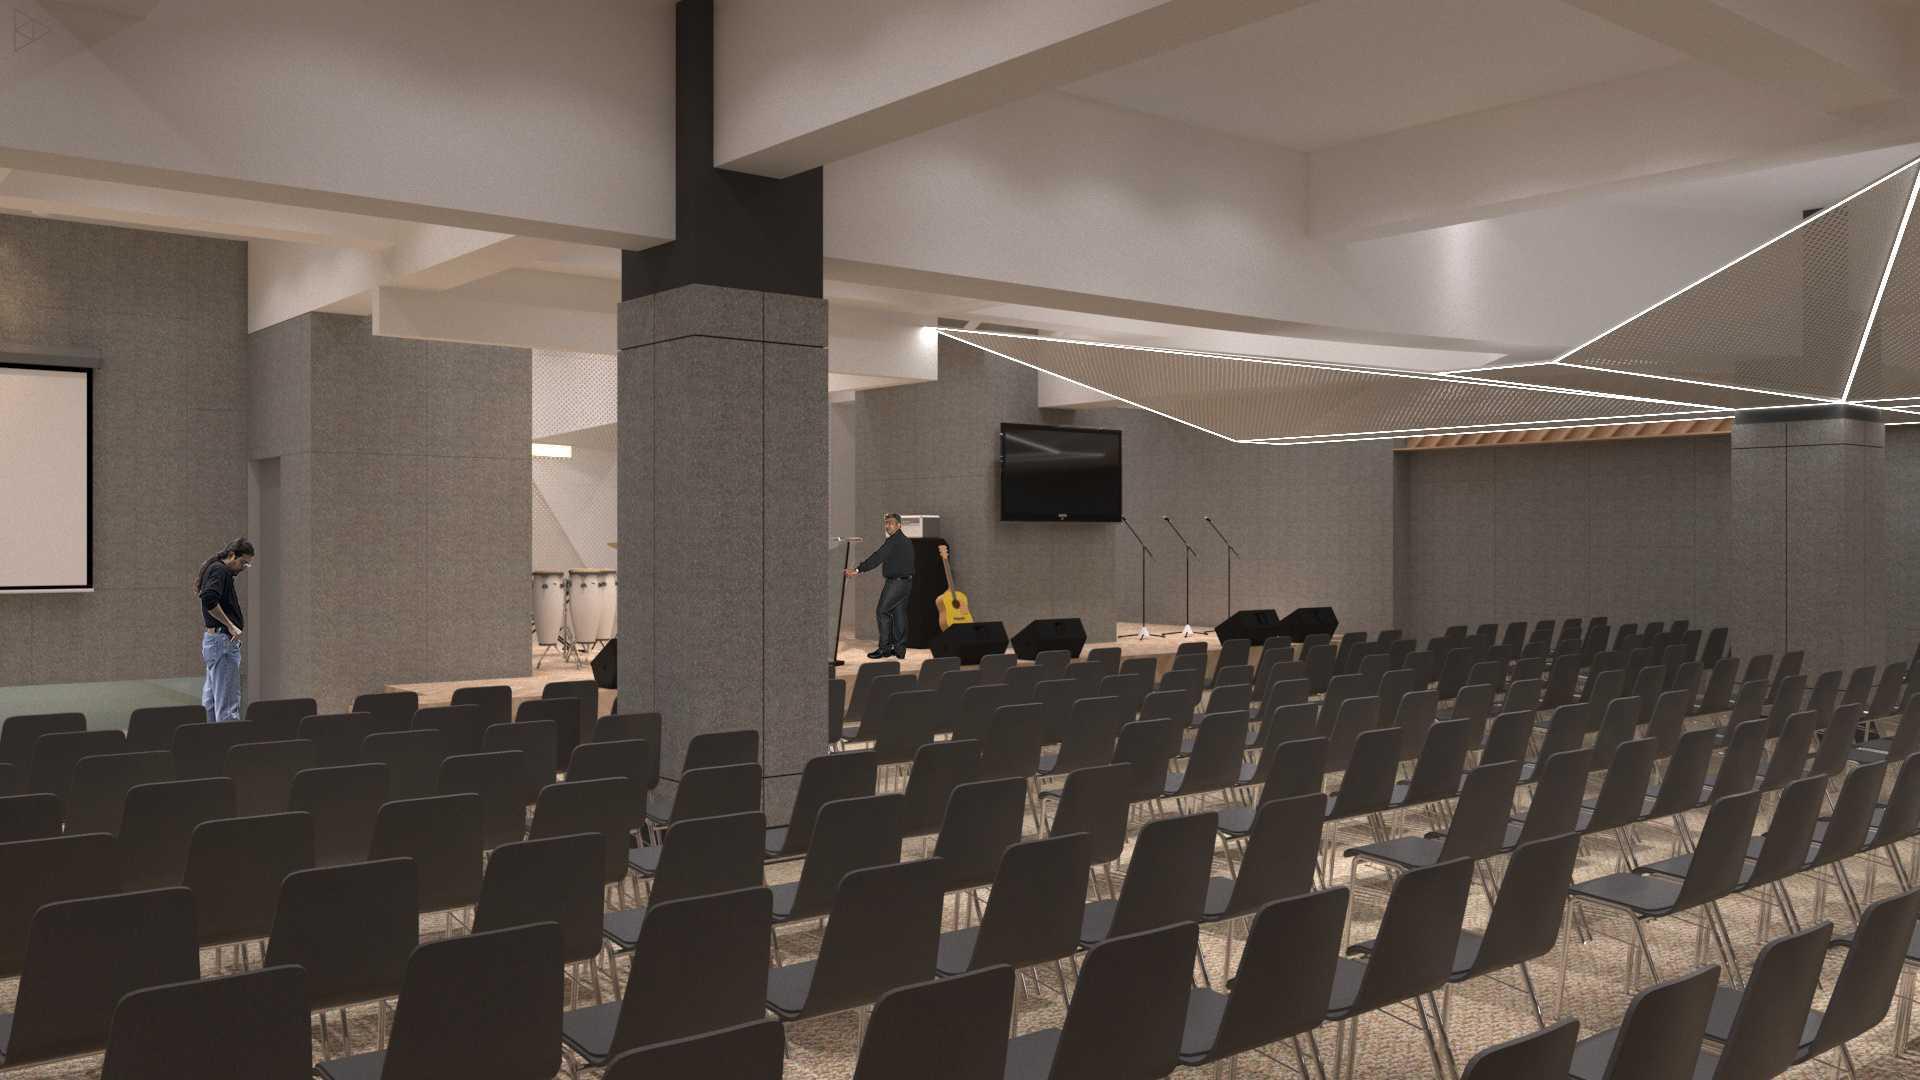 Ties Design & Build G Church Pluit, Kec. Penjaringan, Kota Jkt Utara, Daerah Khusus Ibukota Jakarta, Indonesia Pluit, Kec. Penjaringan, Kota Jkt Utara, Daerah Khusus Ibukota Jakarta, Indonesia Stage   71963